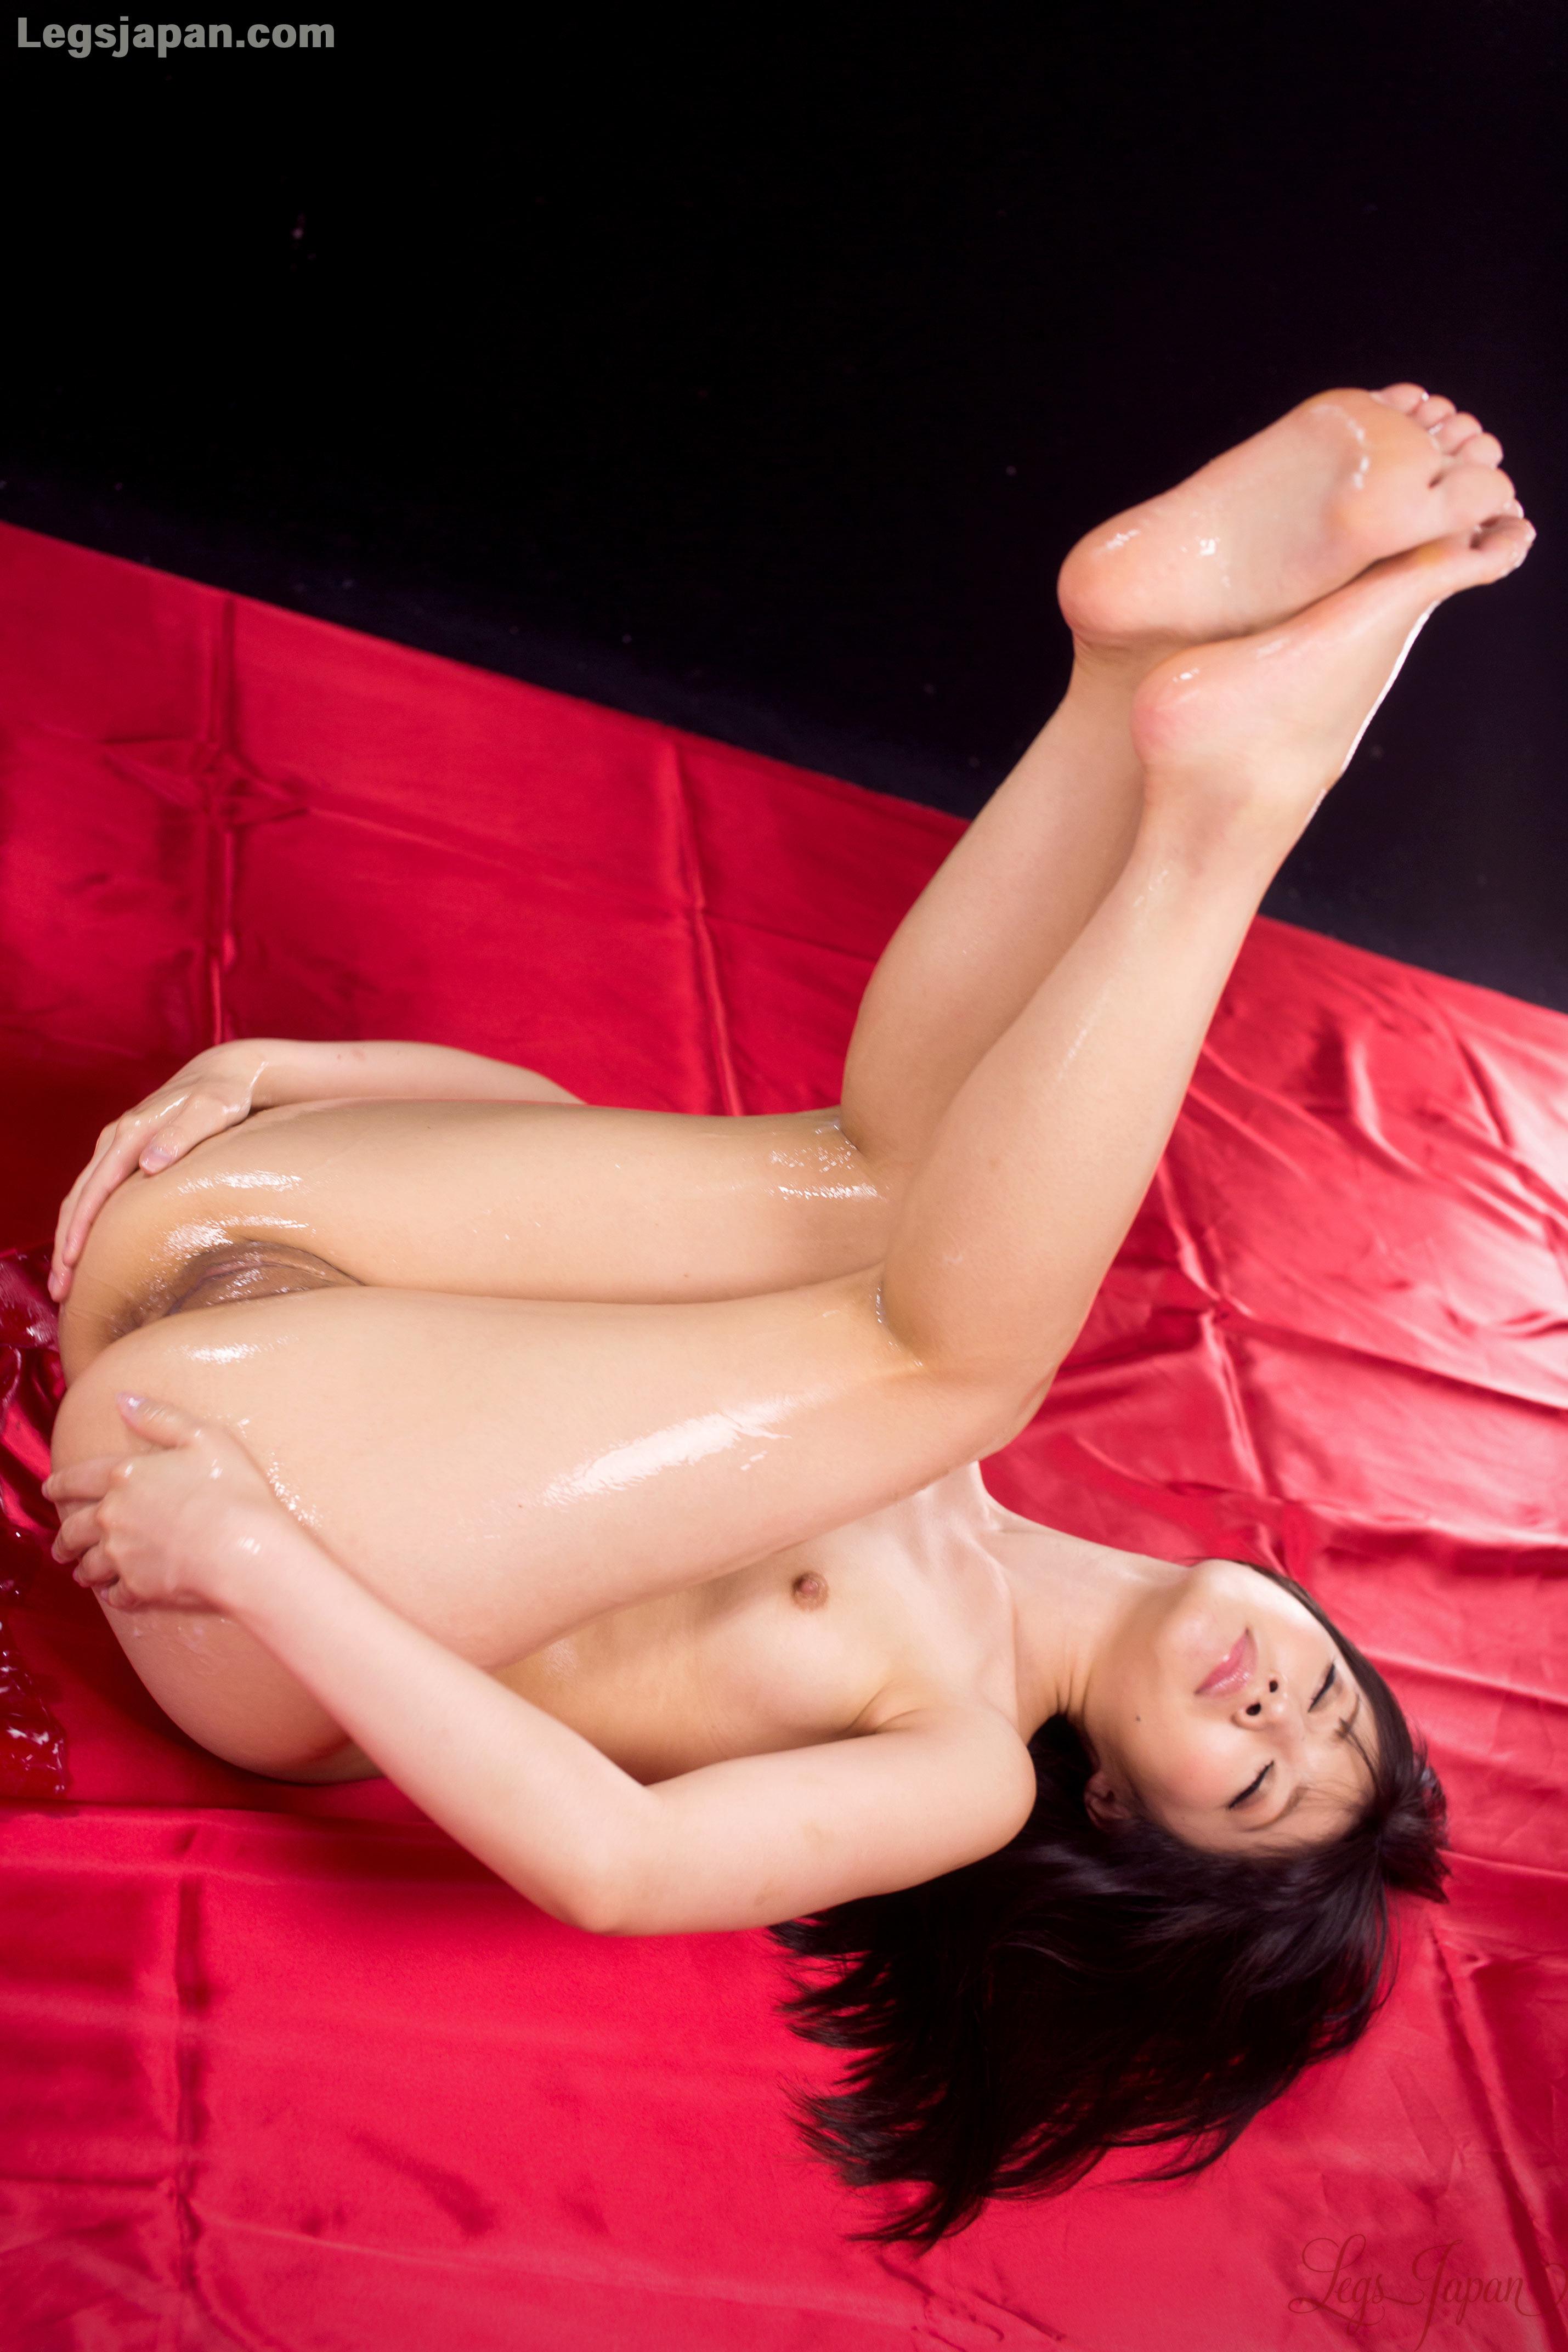 asian ass feet nude